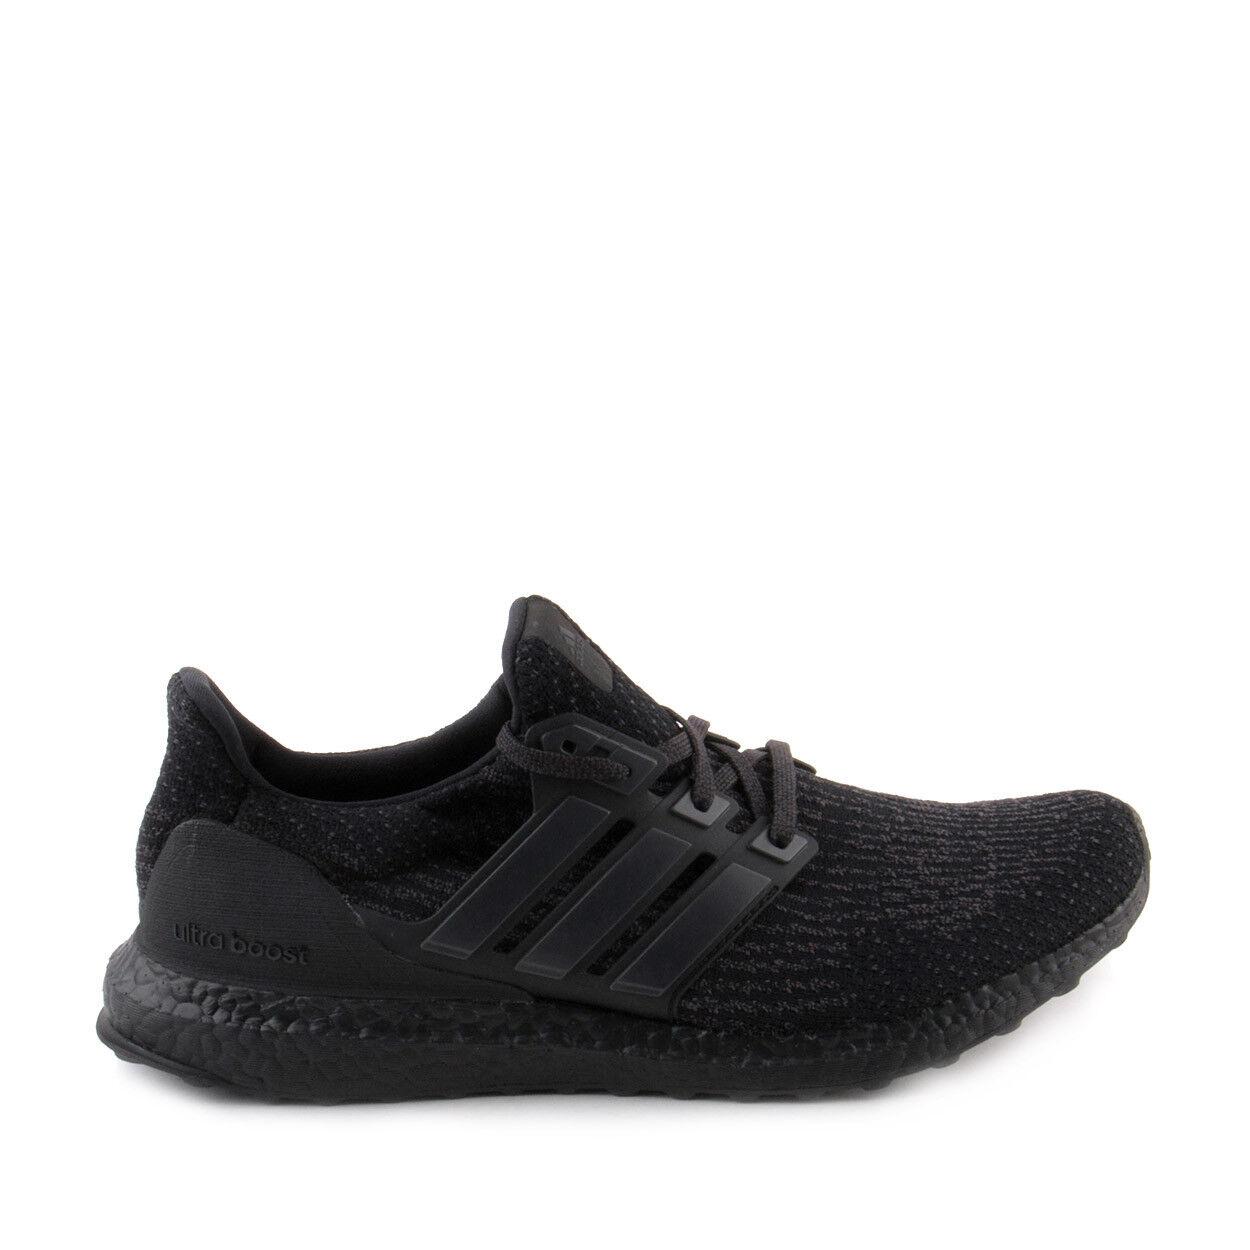 Adidas 3.0 - mens ultraboost schwarze 3.0 Adidas cg3038 ausverkauft 0b3e04